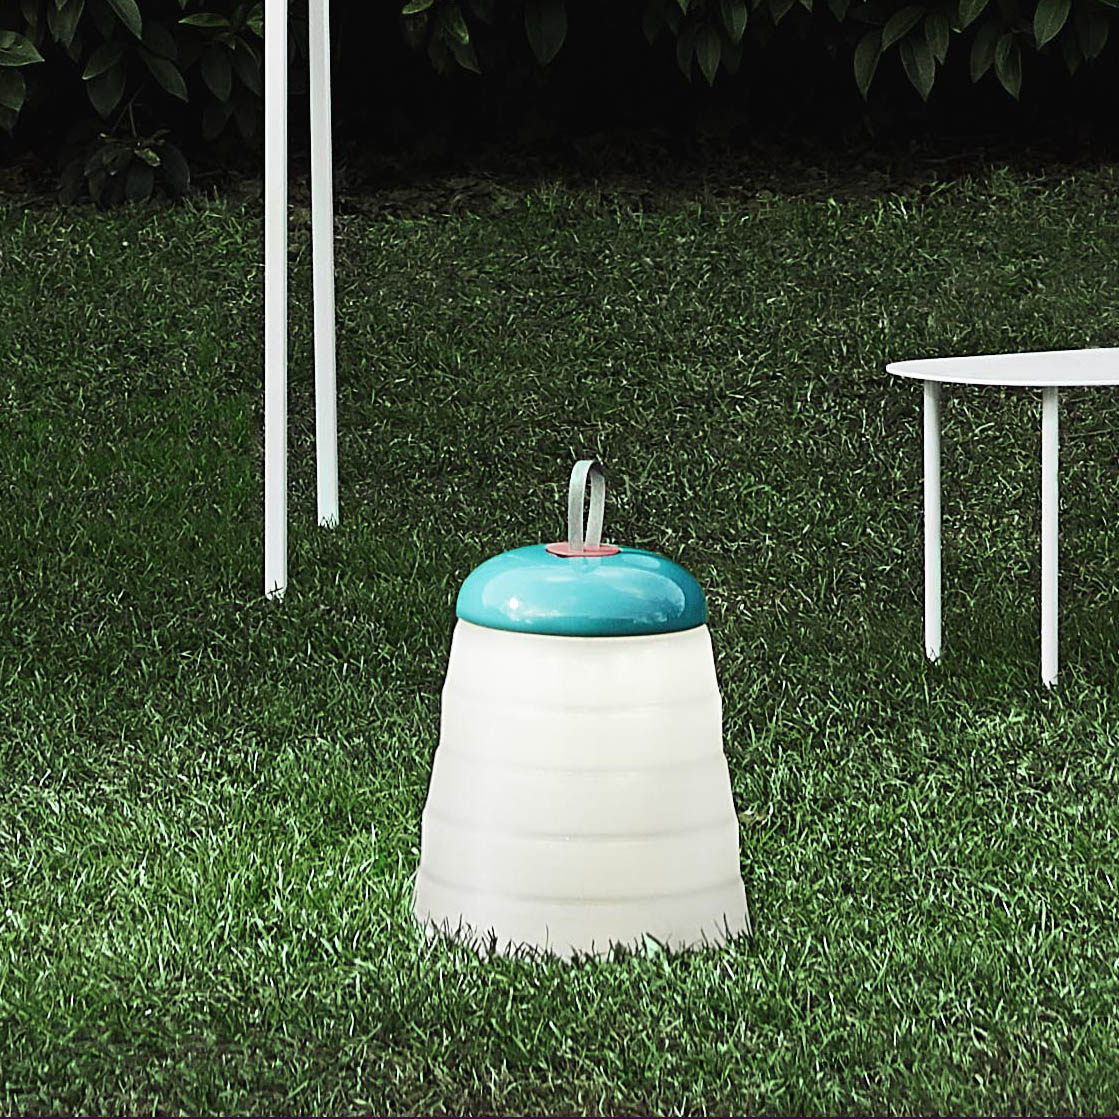 Bombillas Cri-Cri portable Outdoorleuchte Ausschnitt